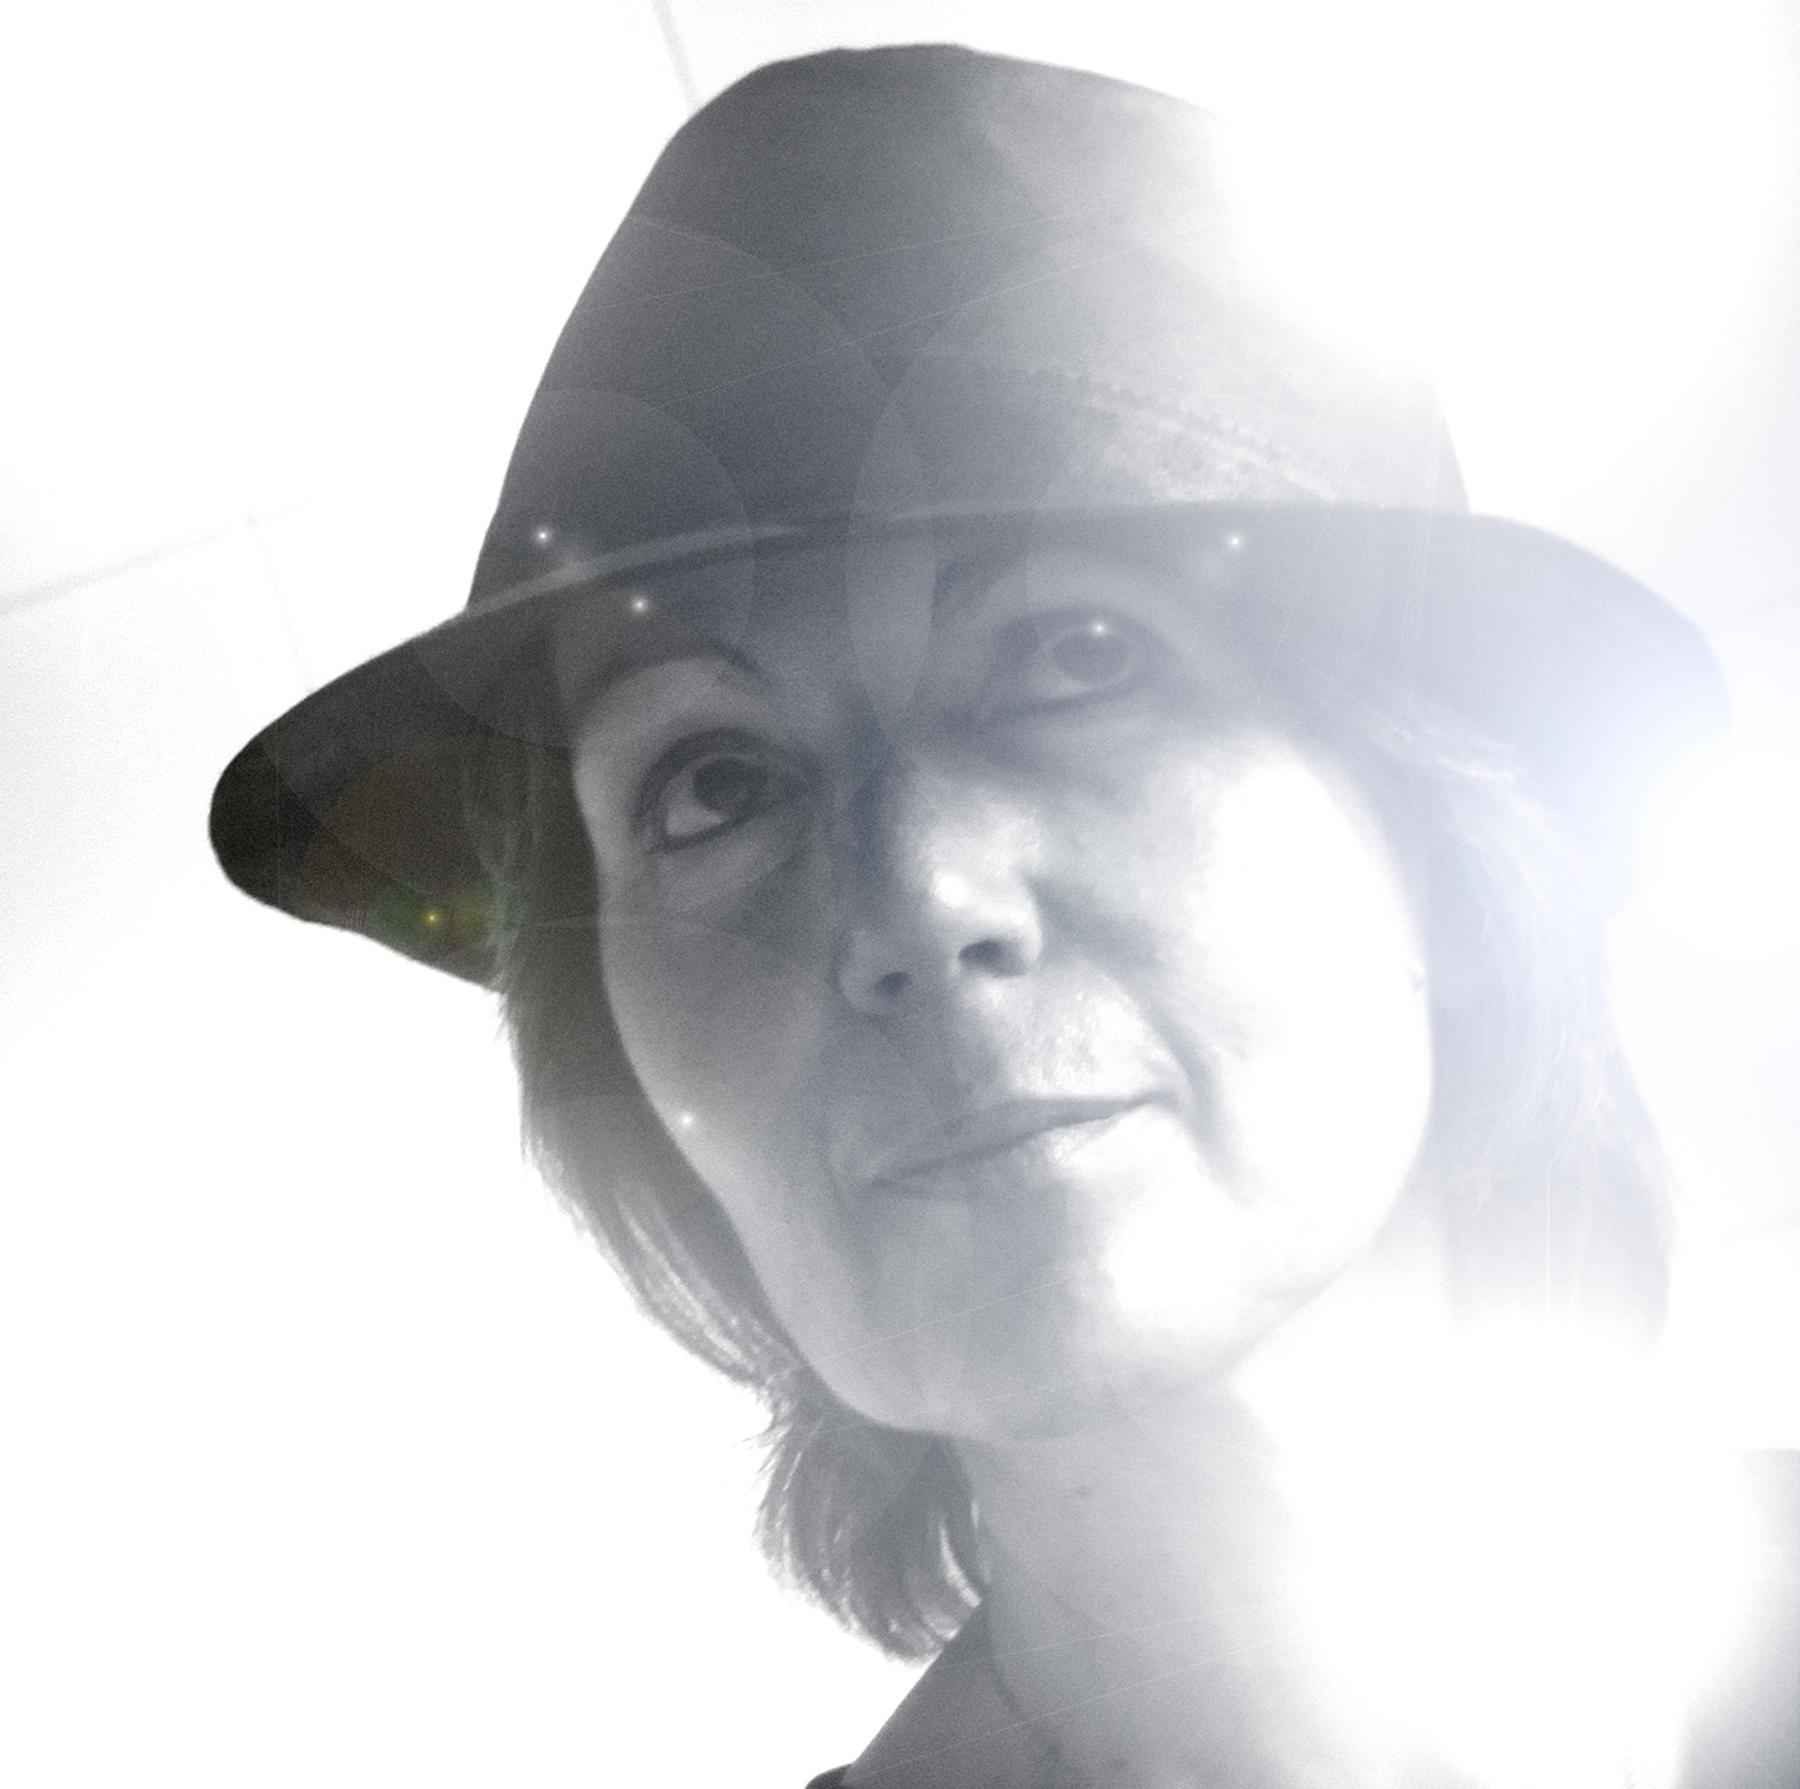 @Patricia-Blondel